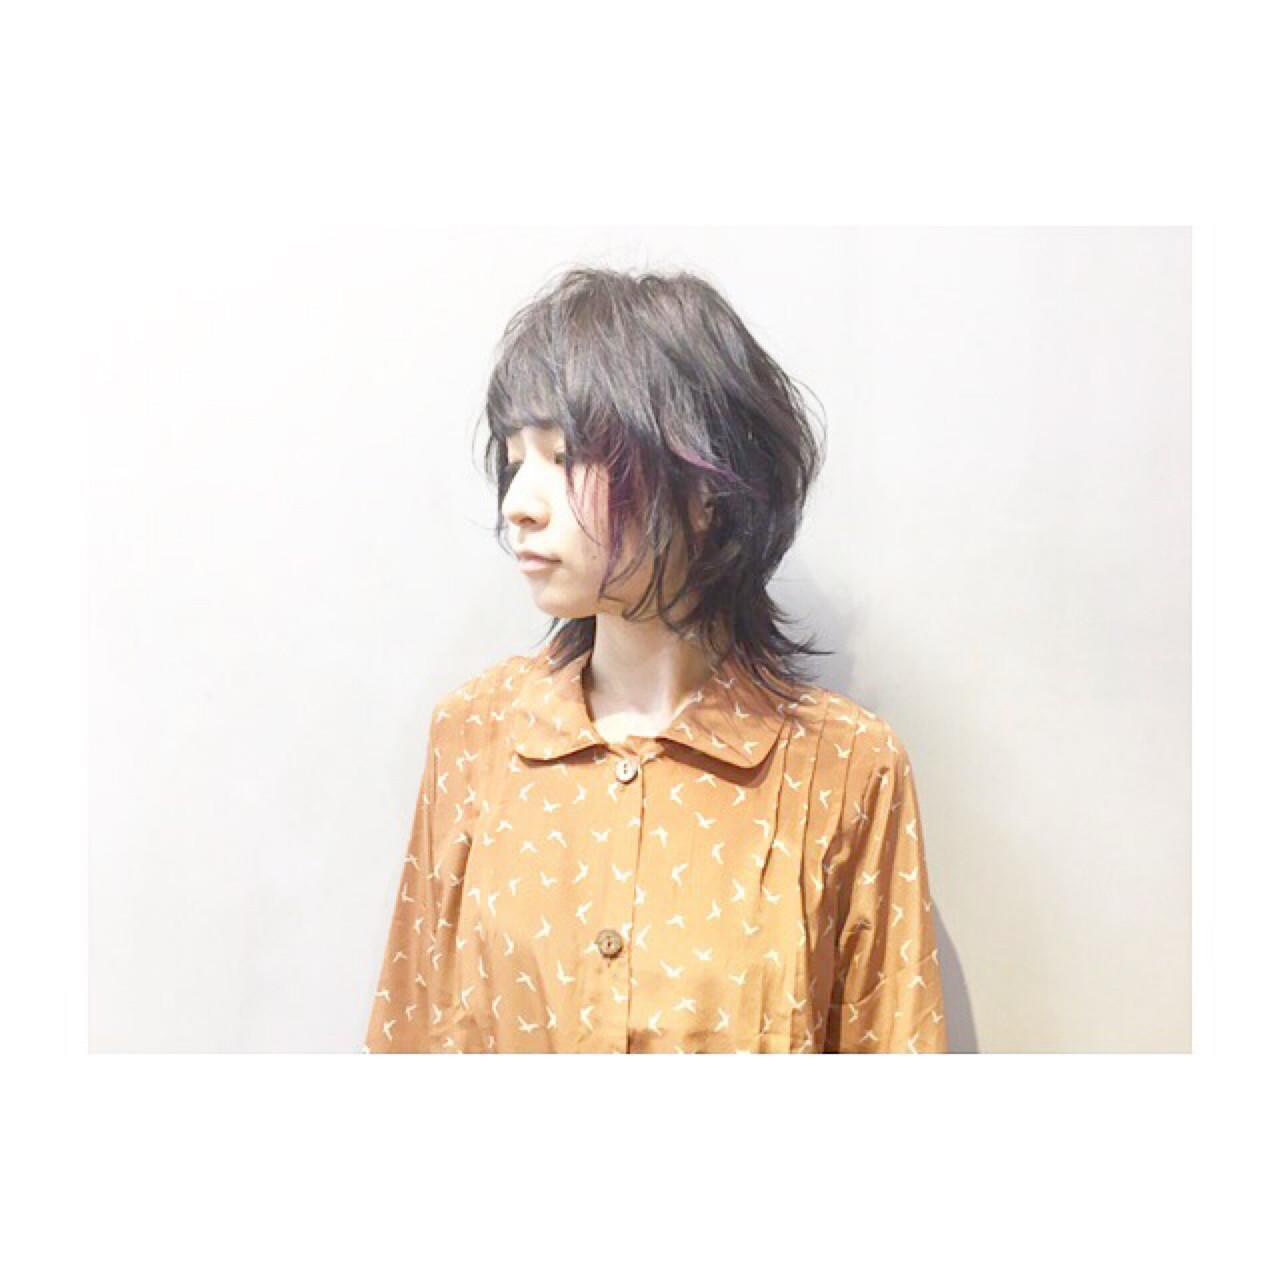 ブルージュ 暗髪 ナチュラル ブルー ヘアスタイルや髪型の写真・画像 | COM PASS 太一 / COM PASS